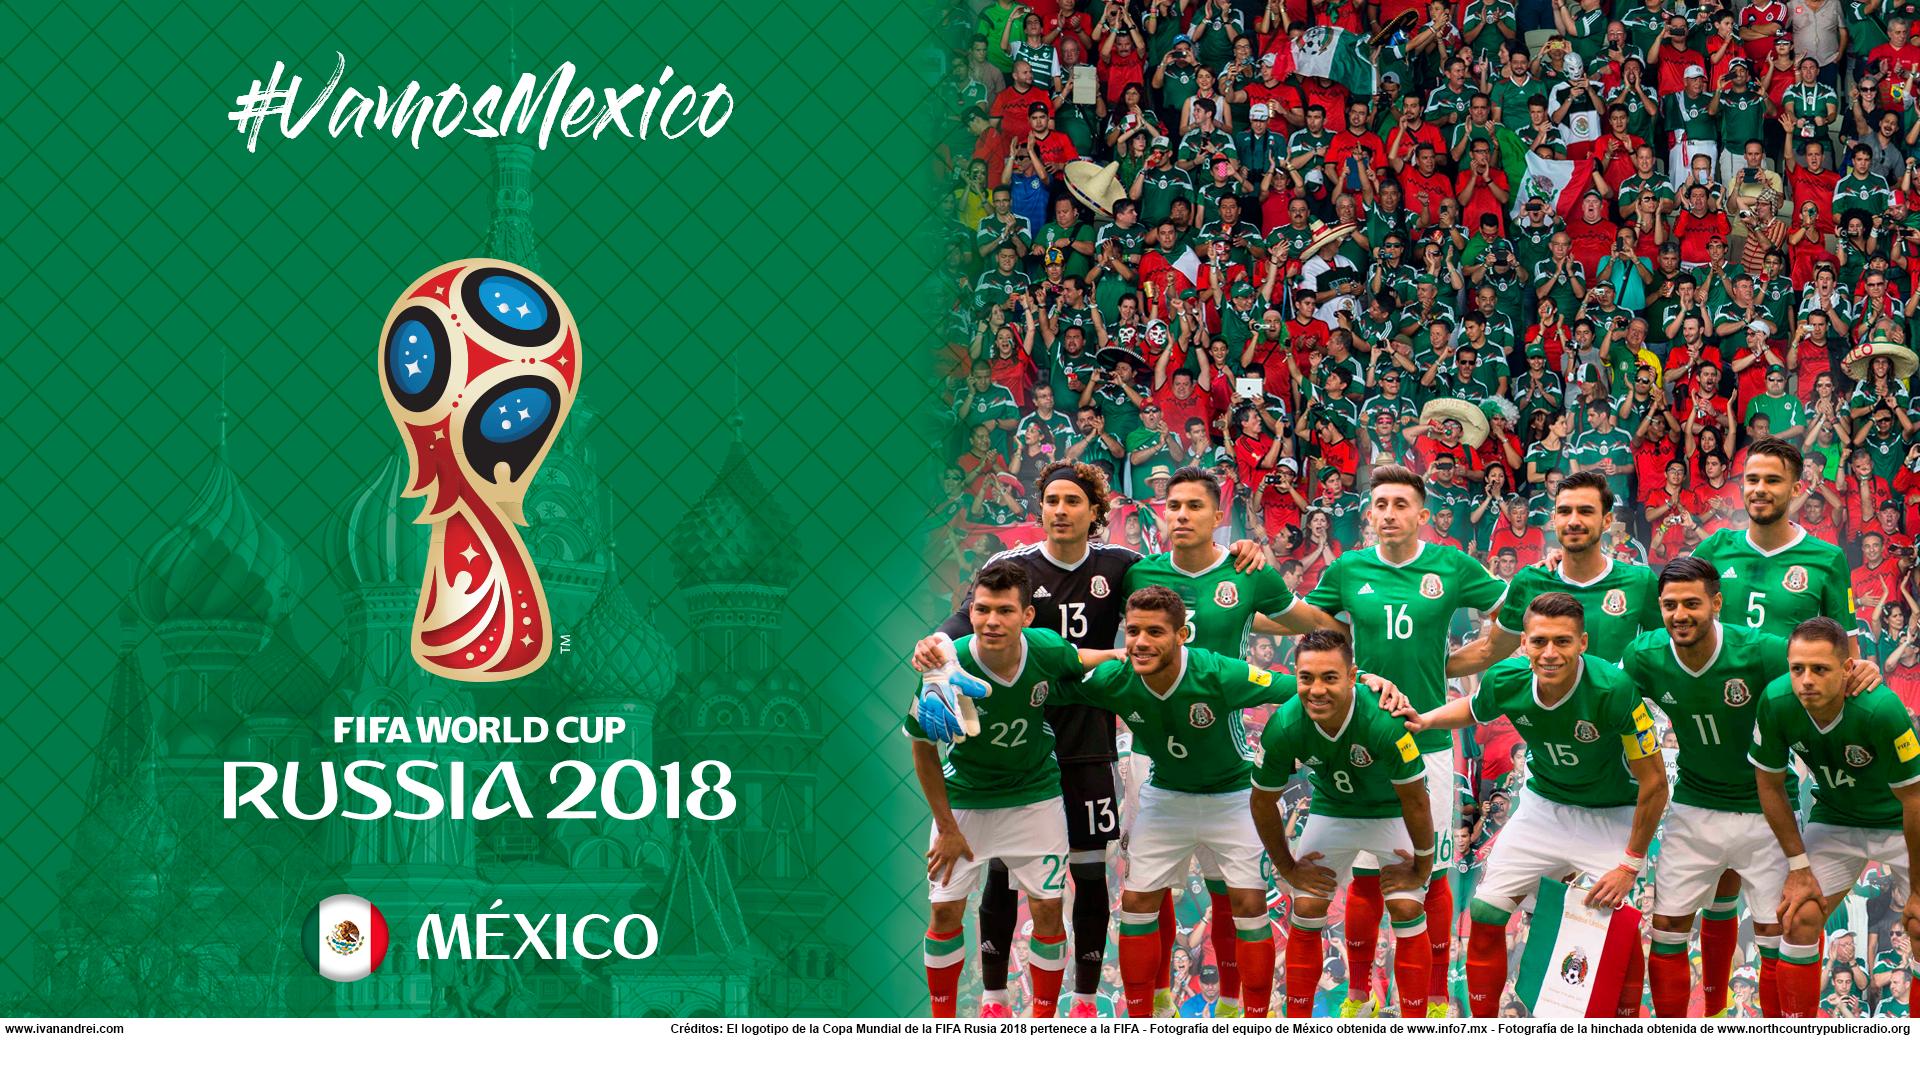 Wallpaper de la selección mexicana de fútbol para la Copa Mundial de la FIFA - Rusia 2018 - Edición para PC (1920x1080)